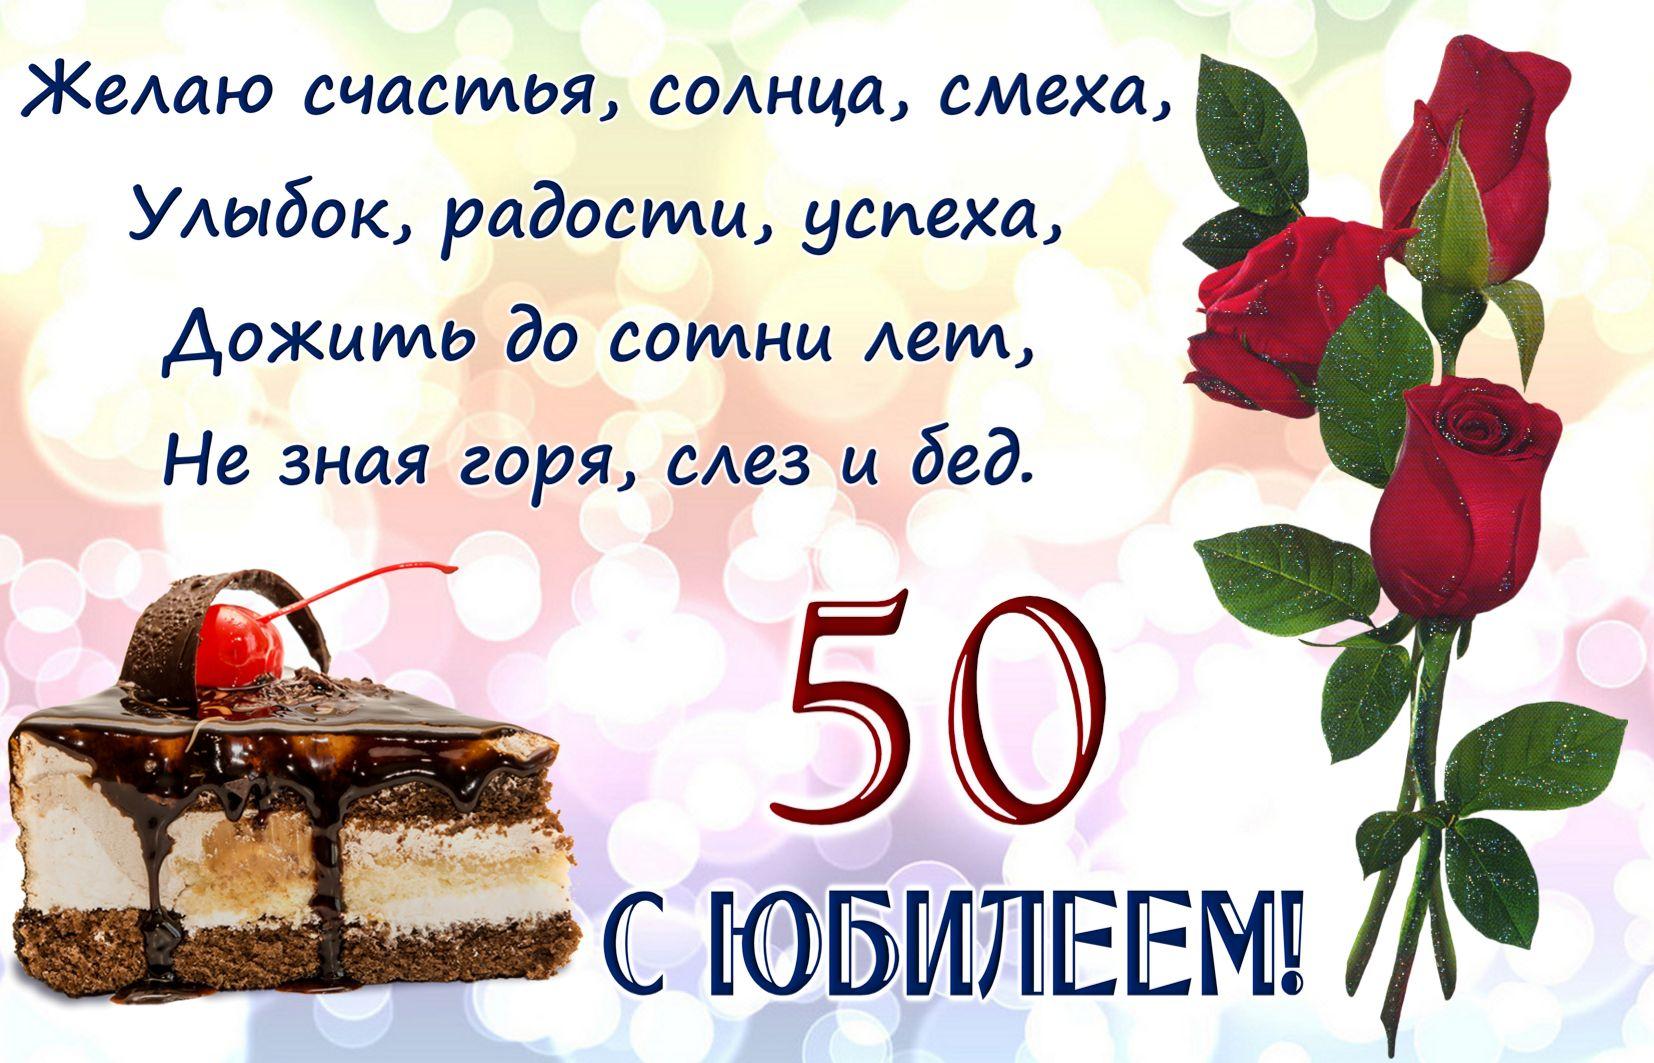 Открытка на юбилей 50 лет - кусочек торта с вишенкой и розочки